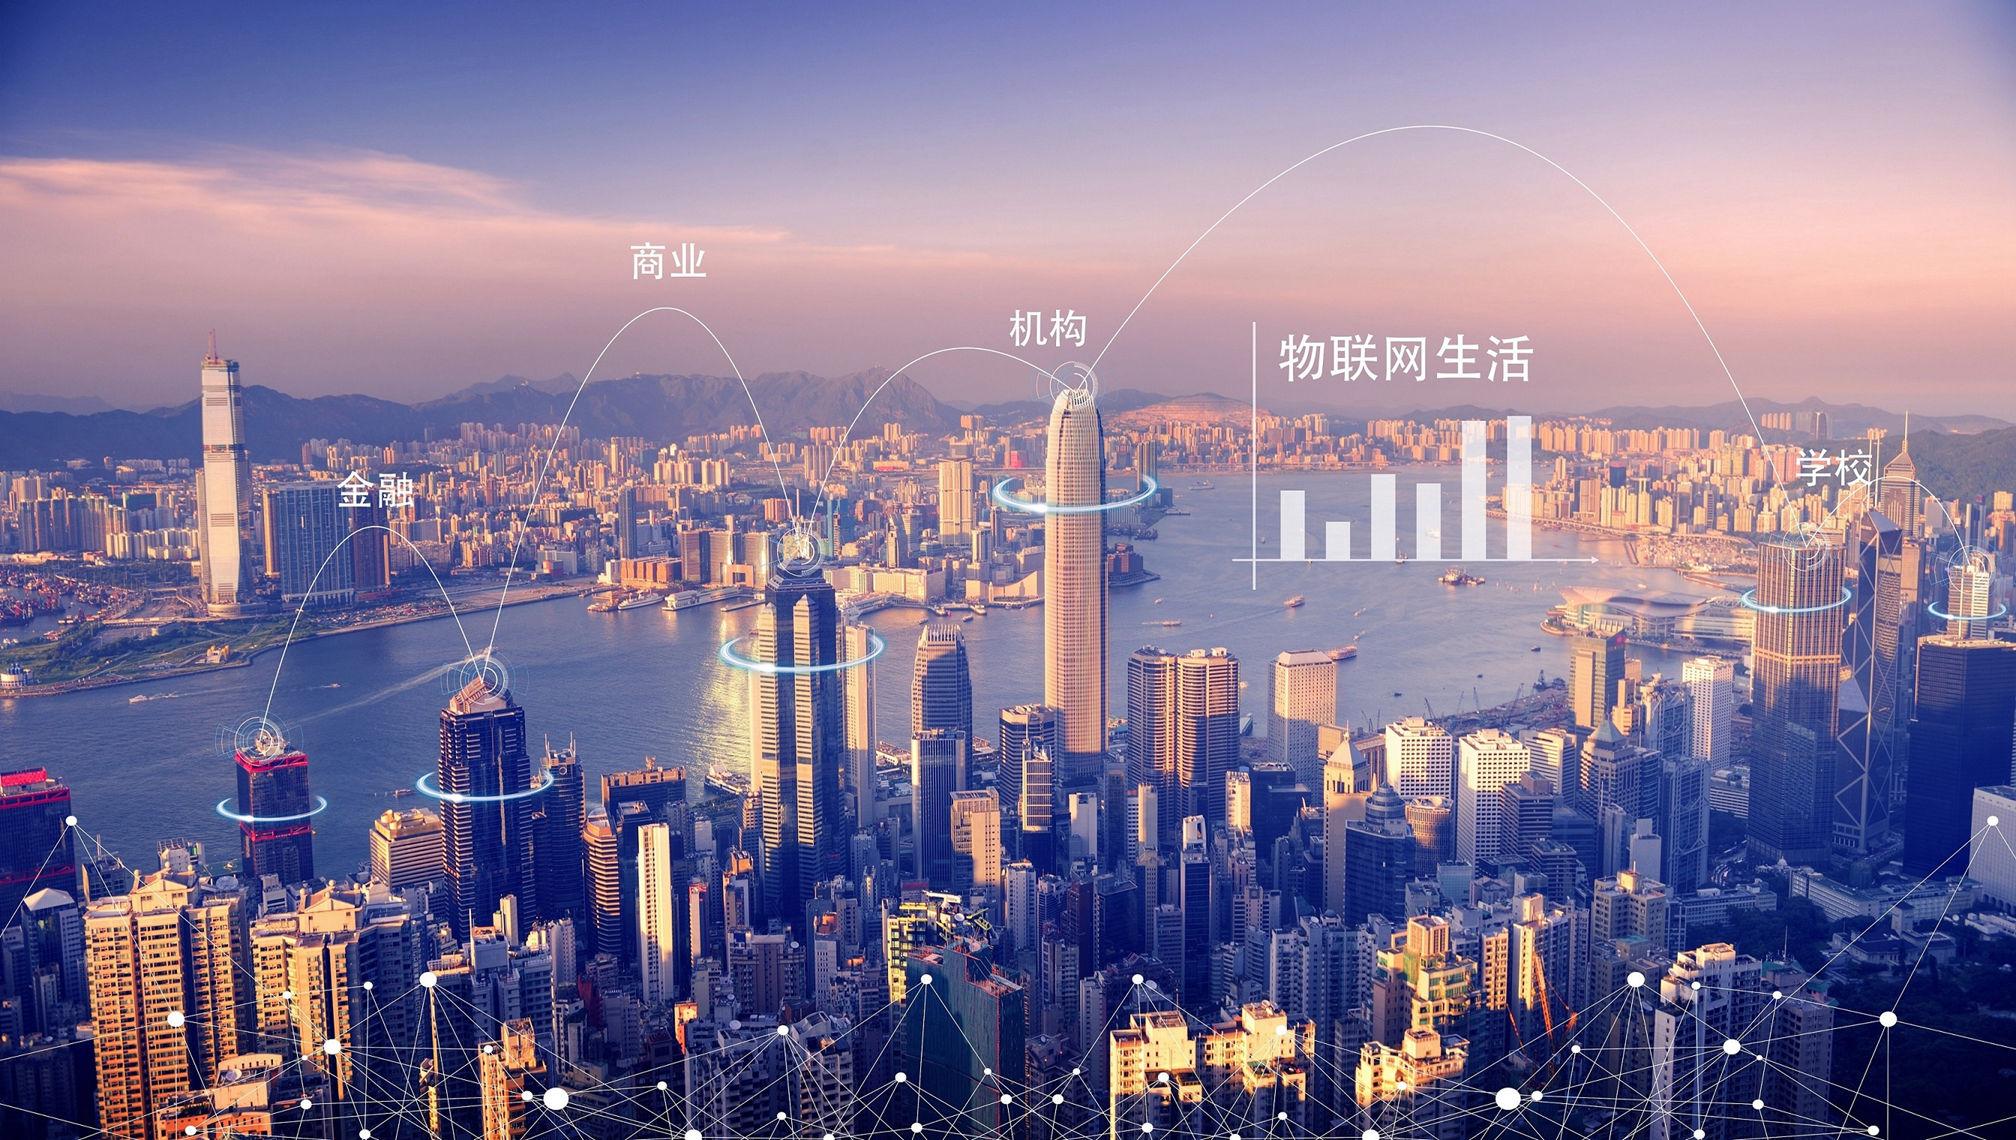 二三维融合GIS基础平台,助推智慧城市数字化建设